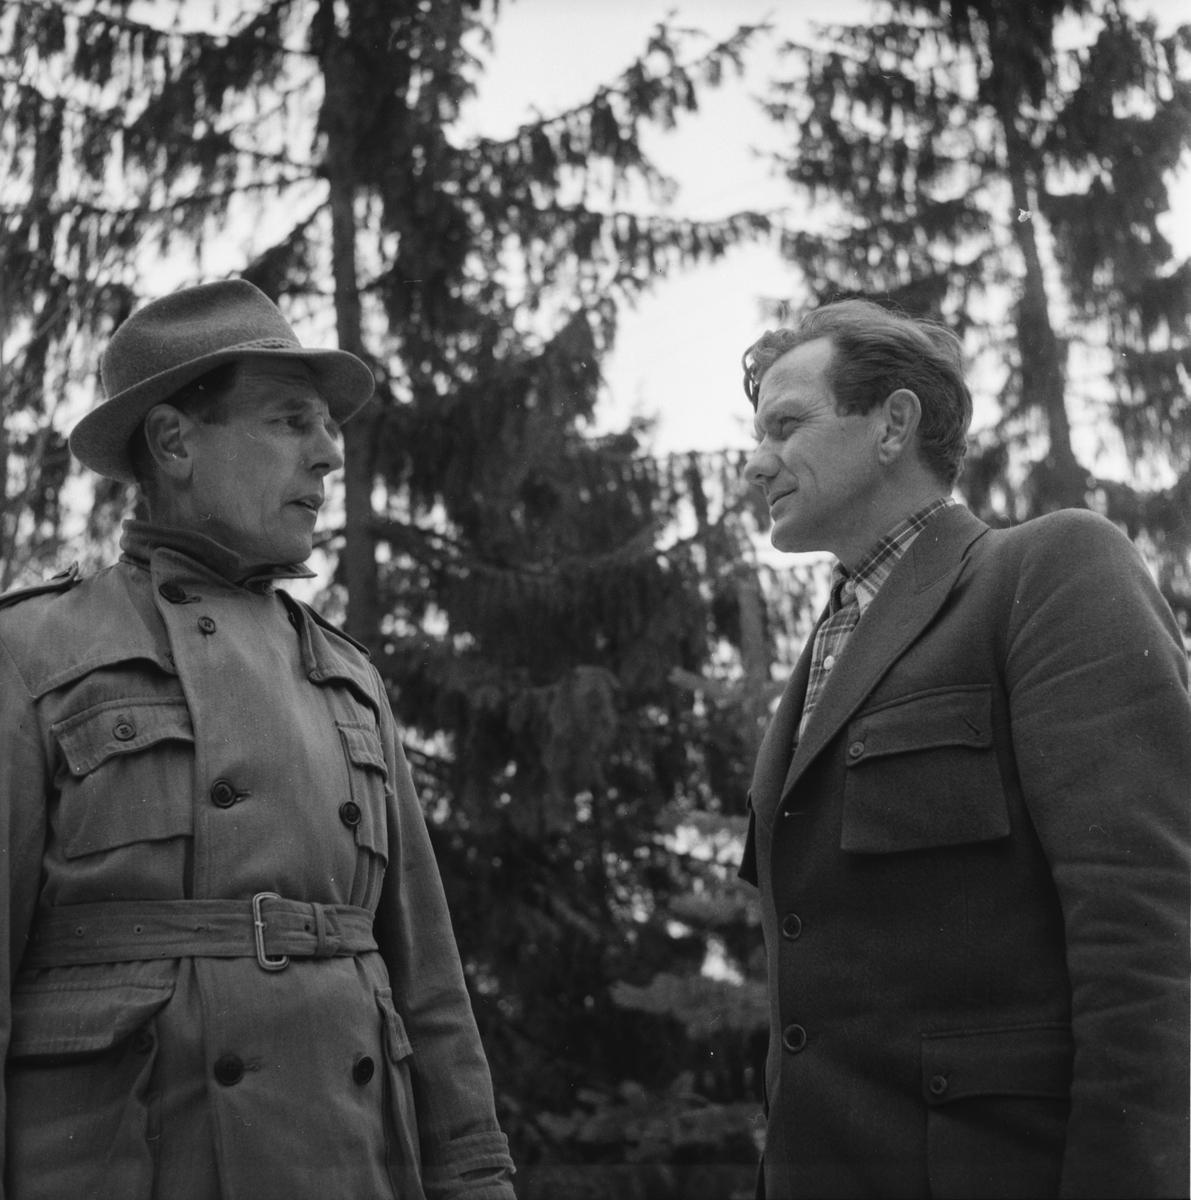 Drivningar på Håsnäs. Josef Lindberg. Söderala april- 1956